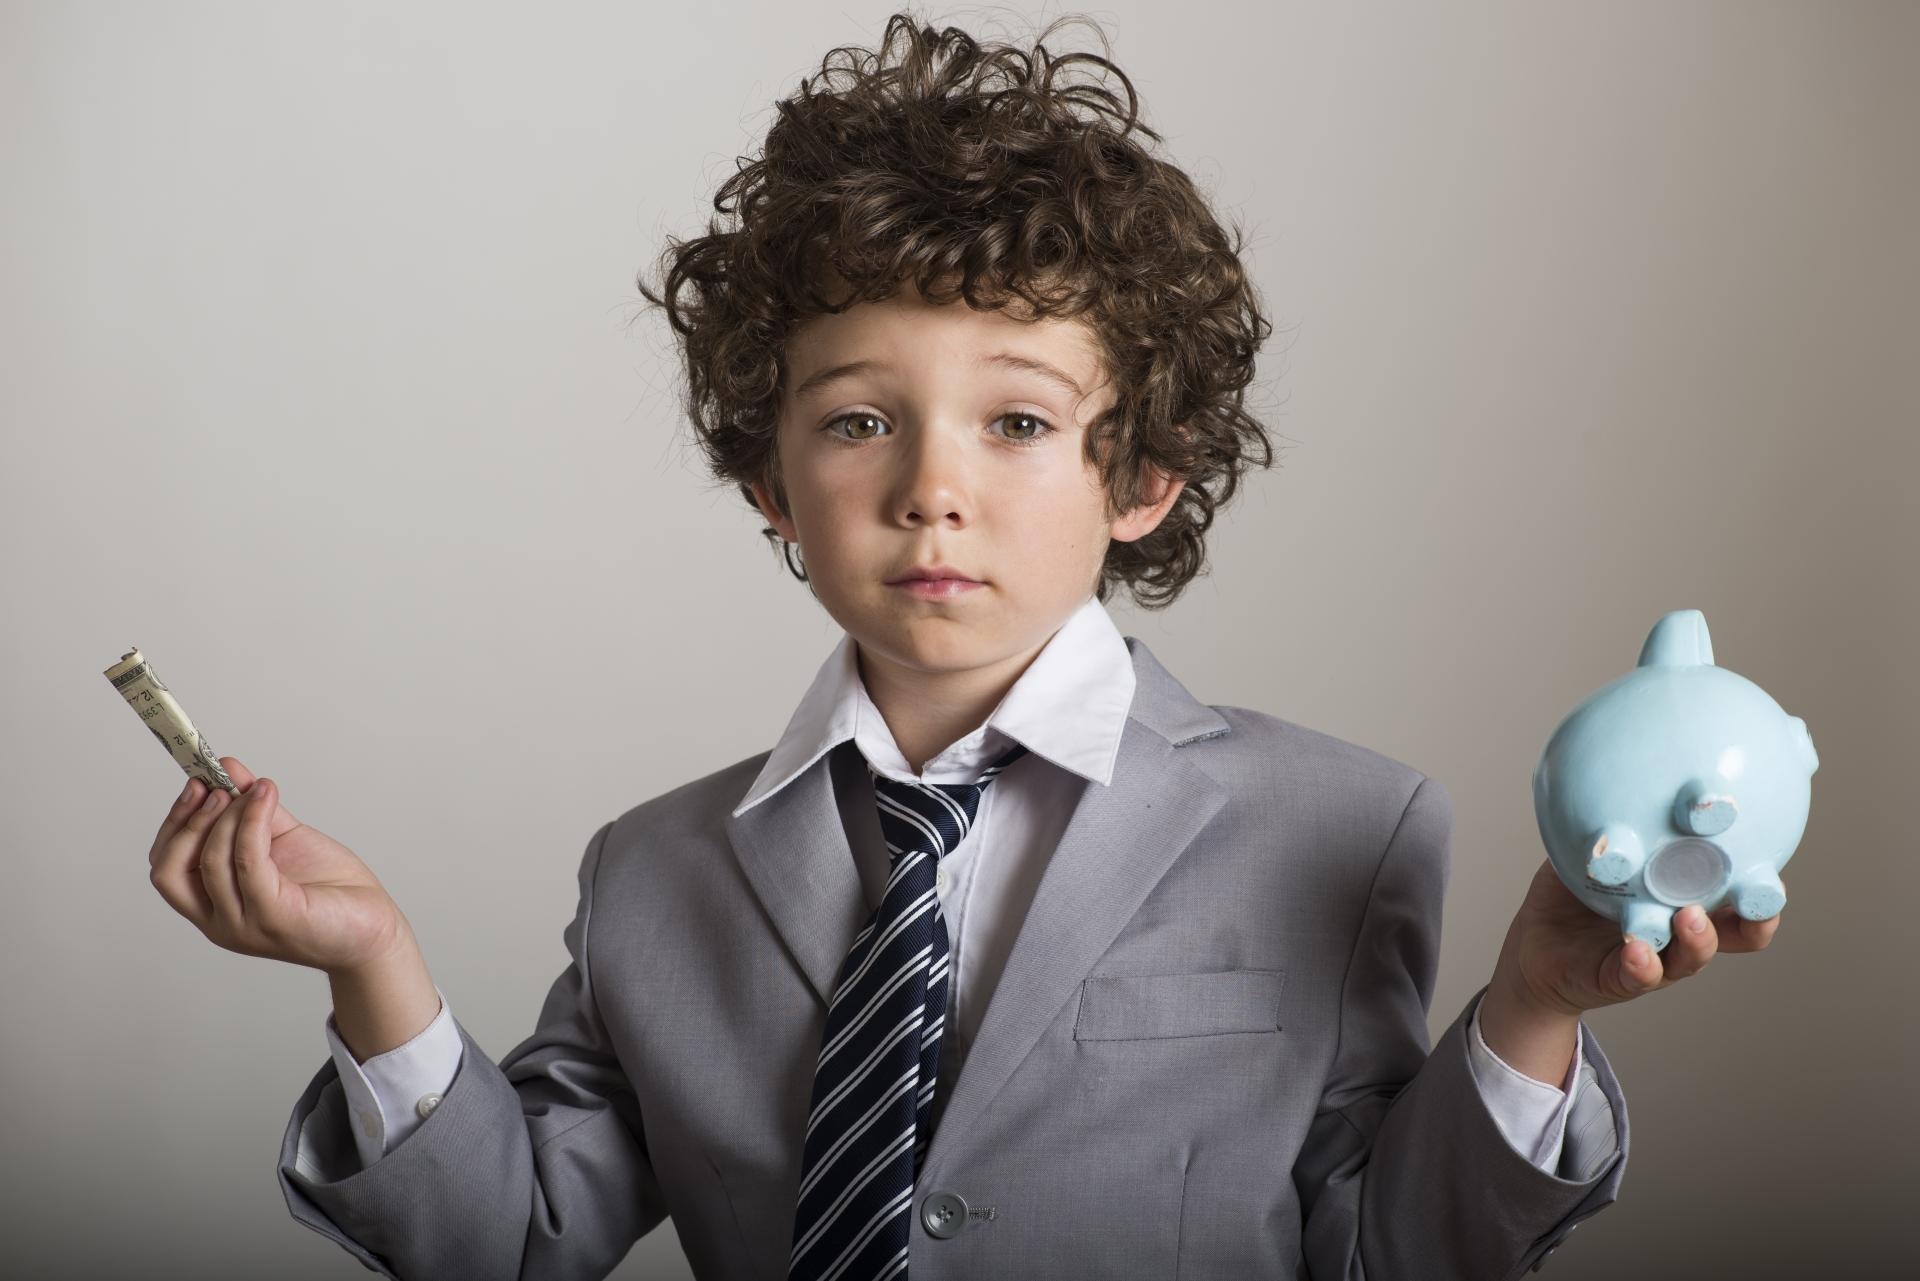 誠実な営業マンは、正確な資金計画を作る